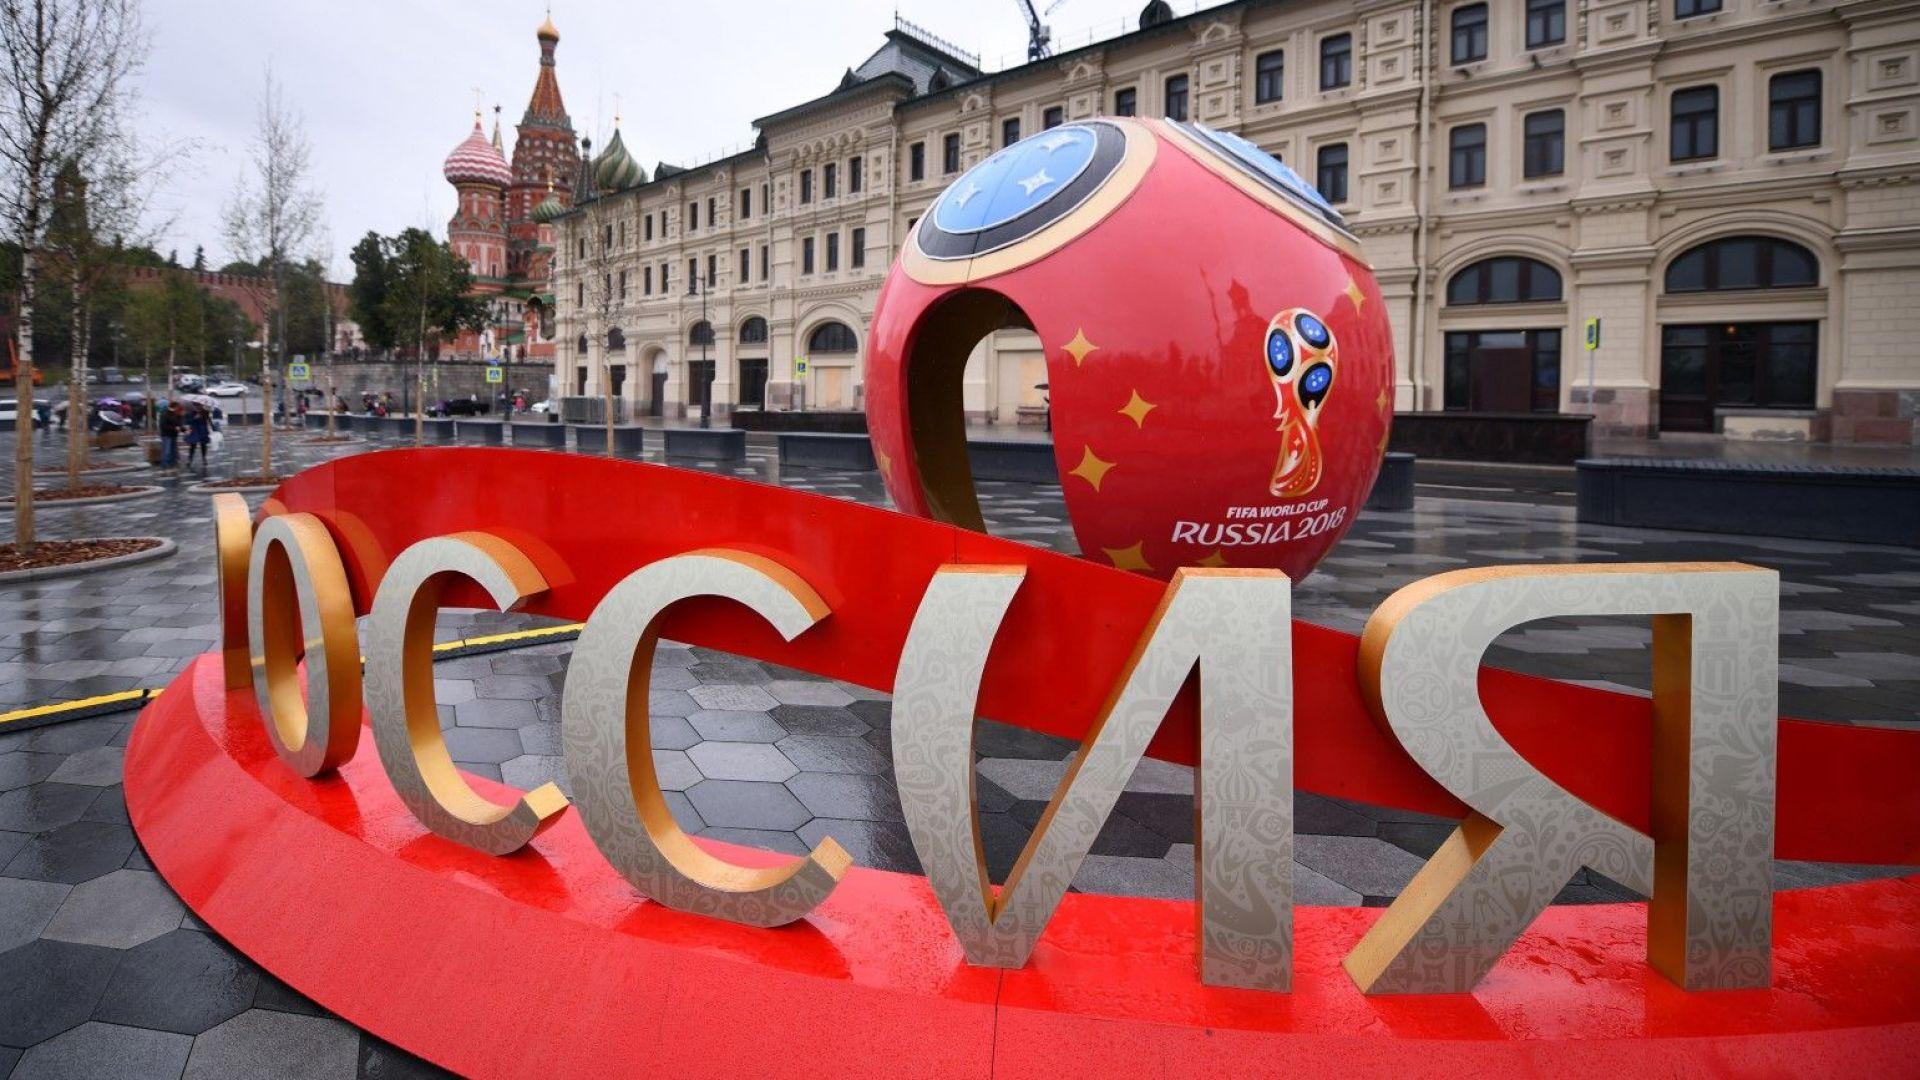 Реакциите в Москва след санкцията: Това е линч и антируска истерия